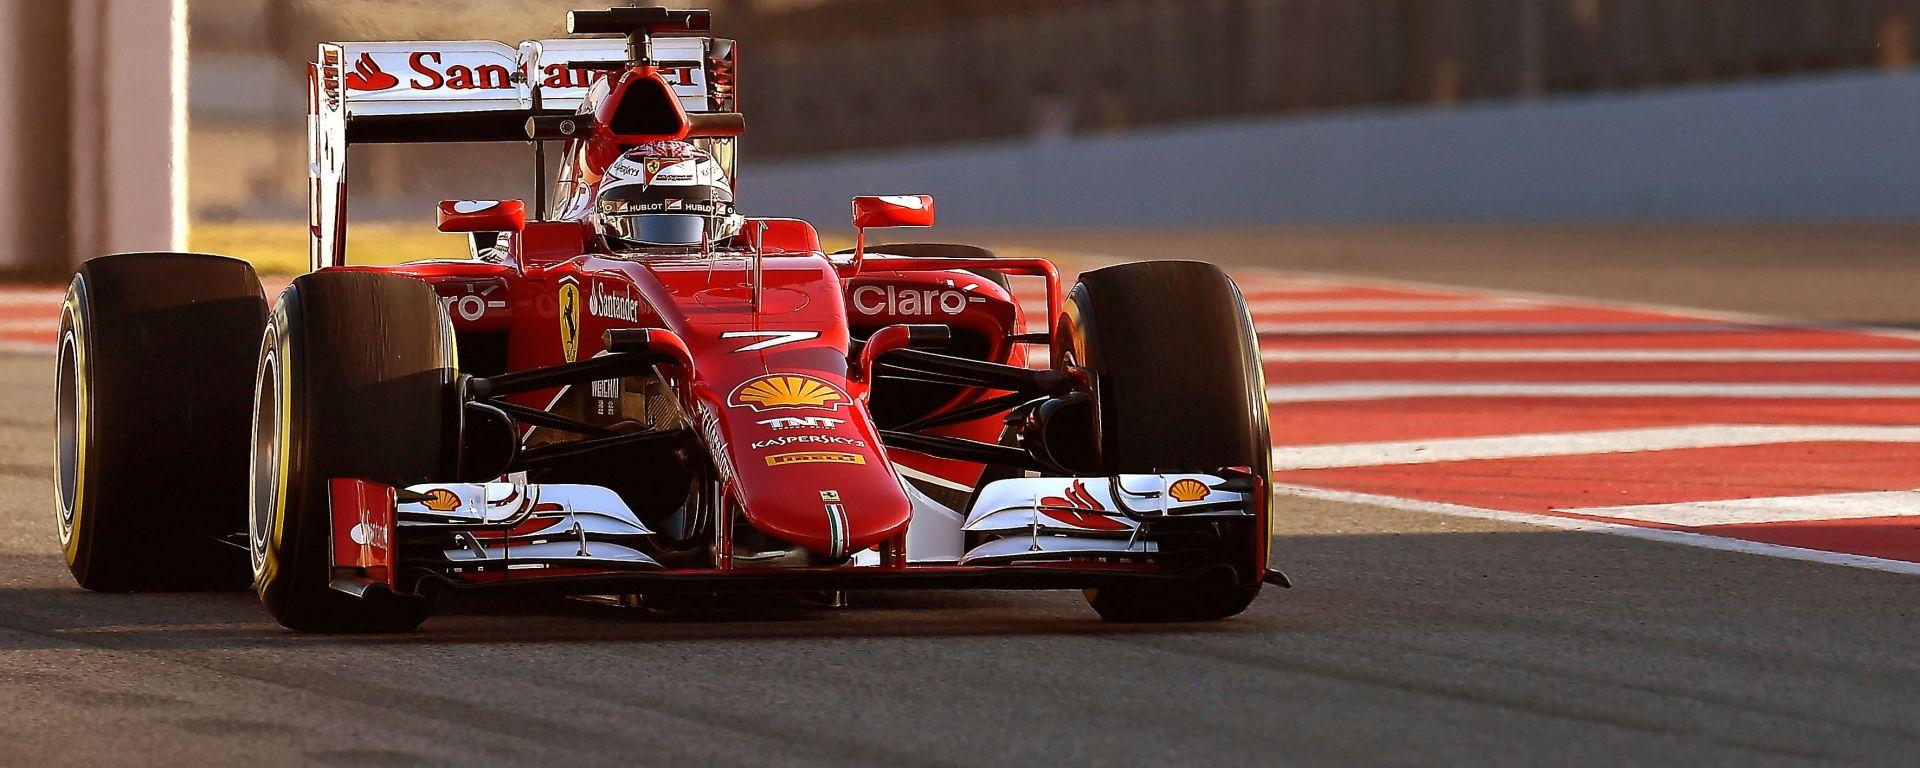 Kimi Raikkonen - F1